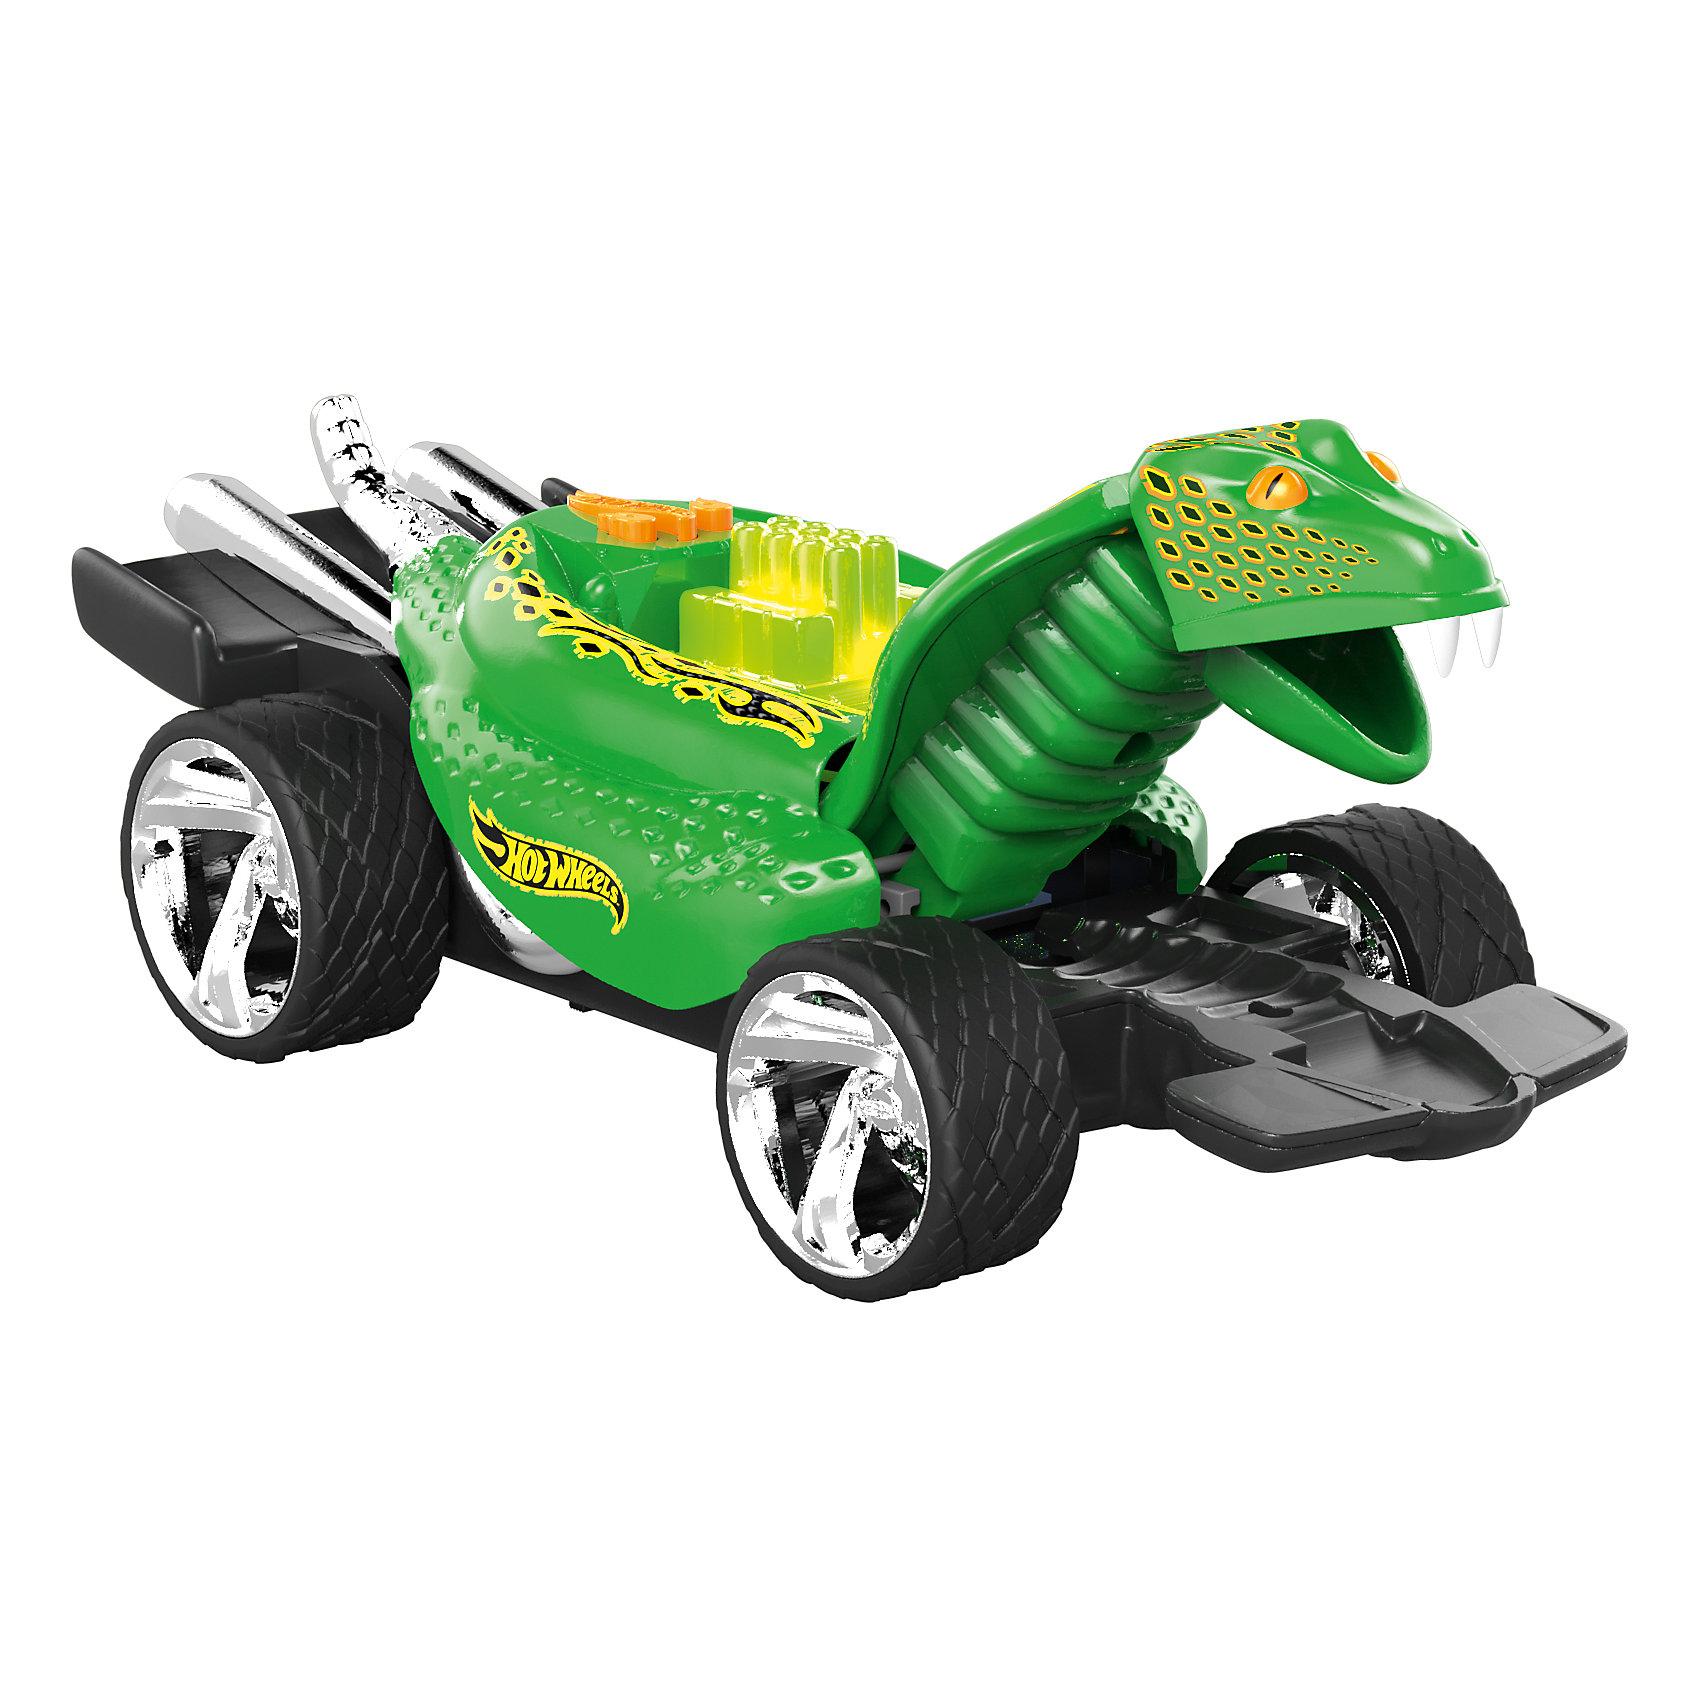 Электромеханическая машинка Питон зеленый, 23 см, Hot WheelsМашинка-монстр Хот Вилс электромеханическая, на батарейках, свет+звук.<br><br>Характеристики гоночной машинки в виде питона Hot Wheels:<br><br>• световые эффекты: мигающие лампочки;<br>• звуковые эффекты: работающий мотор, лязг шин;<br>• внешний вид: огромный корпус-питон, хромированные диски;<br>• функциональность модели: подвижная голова питона;<br>• электронная модель: работает от батареек;<br>• батарейки входят в комплект: 3 шт. типа ААА;<br>• длина машинки: 23 см;<br>• размер упаковки: 27,3х12,7х12,7 см;<br>• вес упаковки: 454 г.<br><br>Скоростные гонки, жажда скорости, молниеносный старт – гоночные машинки Hot Wheels порадуют мальчишек агрессивным видом и оформлением кузова в виде питона Машинка Hot Wheels с электромеханической подвеской имеет колеса разного диаметра: передние колеса меньшего диаметра, а задние колеса большего диаметра. <br><br>Электромеханическую машинку Питон зеленый, 23 см, Hot Wheels можно купить в нашем интернет-магазине.<br><br>Ширина мм: 270<br>Глубина мм: 130<br>Высота мм: 130<br>Вес г: 507<br>Возраст от месяцев: 36<br>Возраст до месяцев: 2147483647<br>Пол: Мужской<br>Возраст: Детский<br>SKU: 5066702